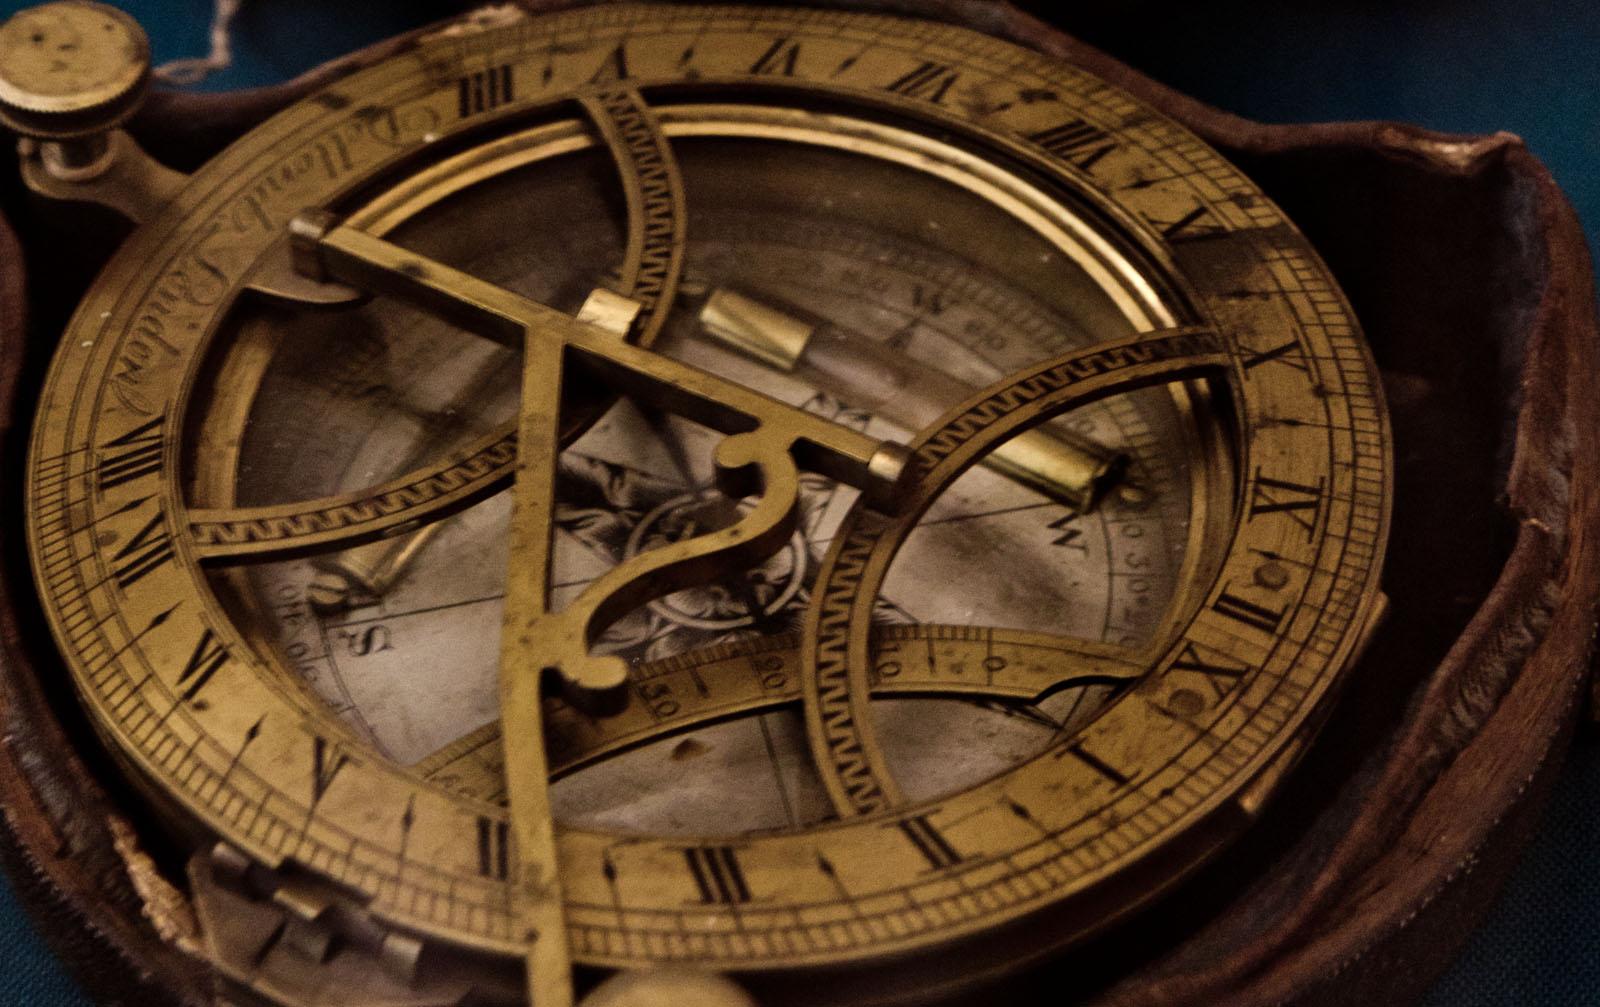 ВИДЕО : Как сделать компас своими руками - Лайфхакер 56